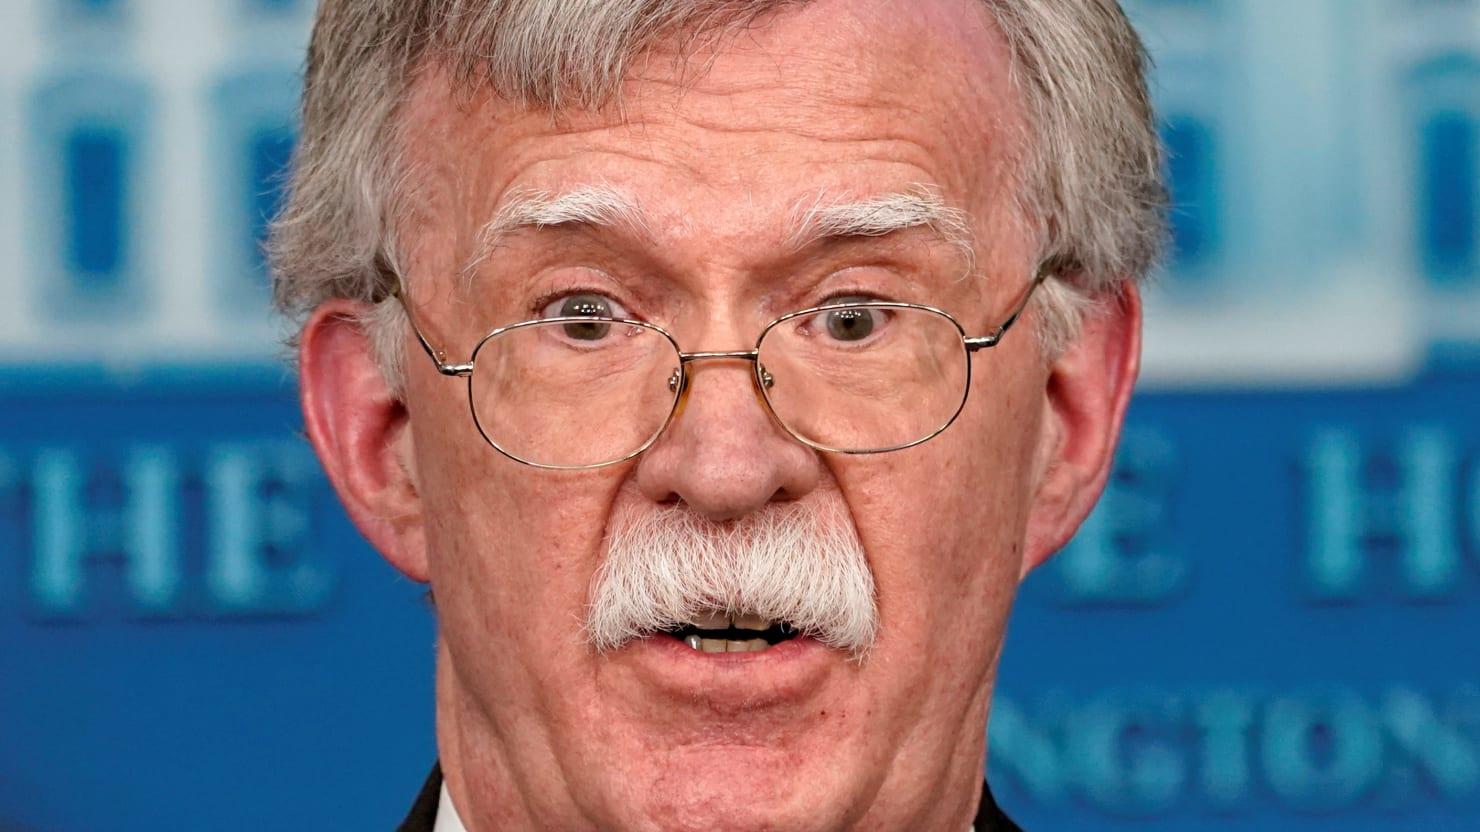 North Korea Hits Out At 'Defective Human Product' John Bolton